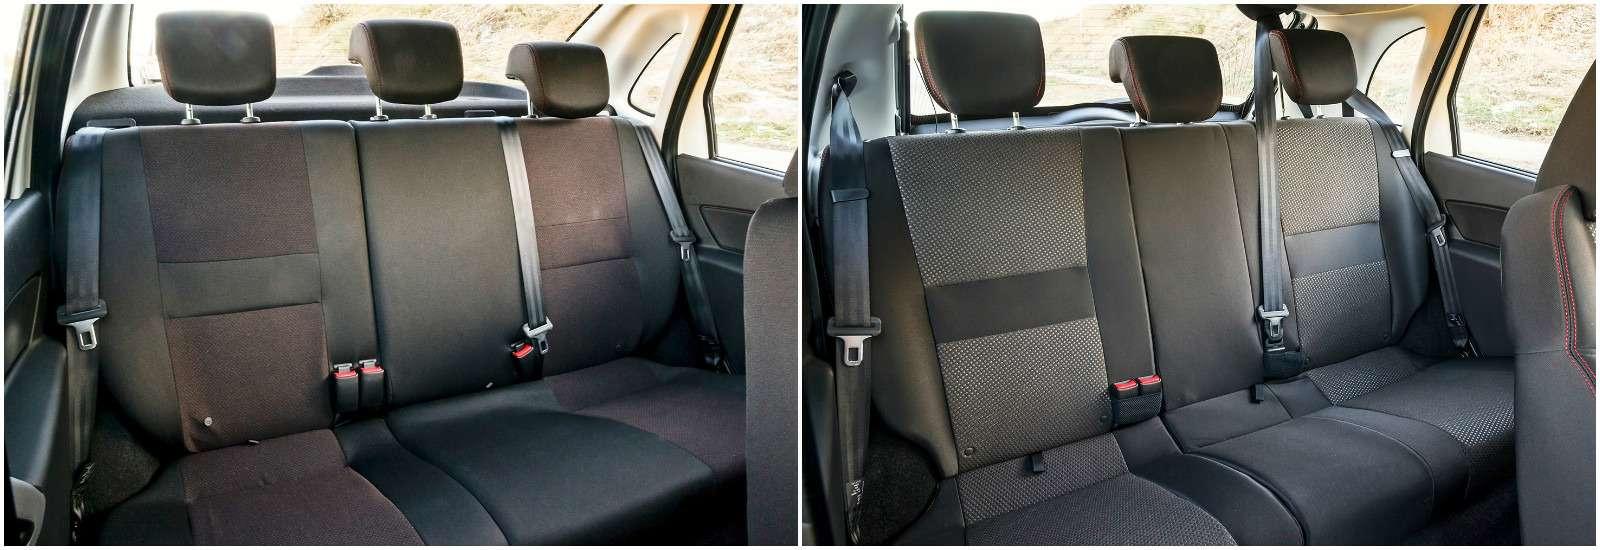 Lada Drive Active: горячие Гранта иКалина— фото 685743